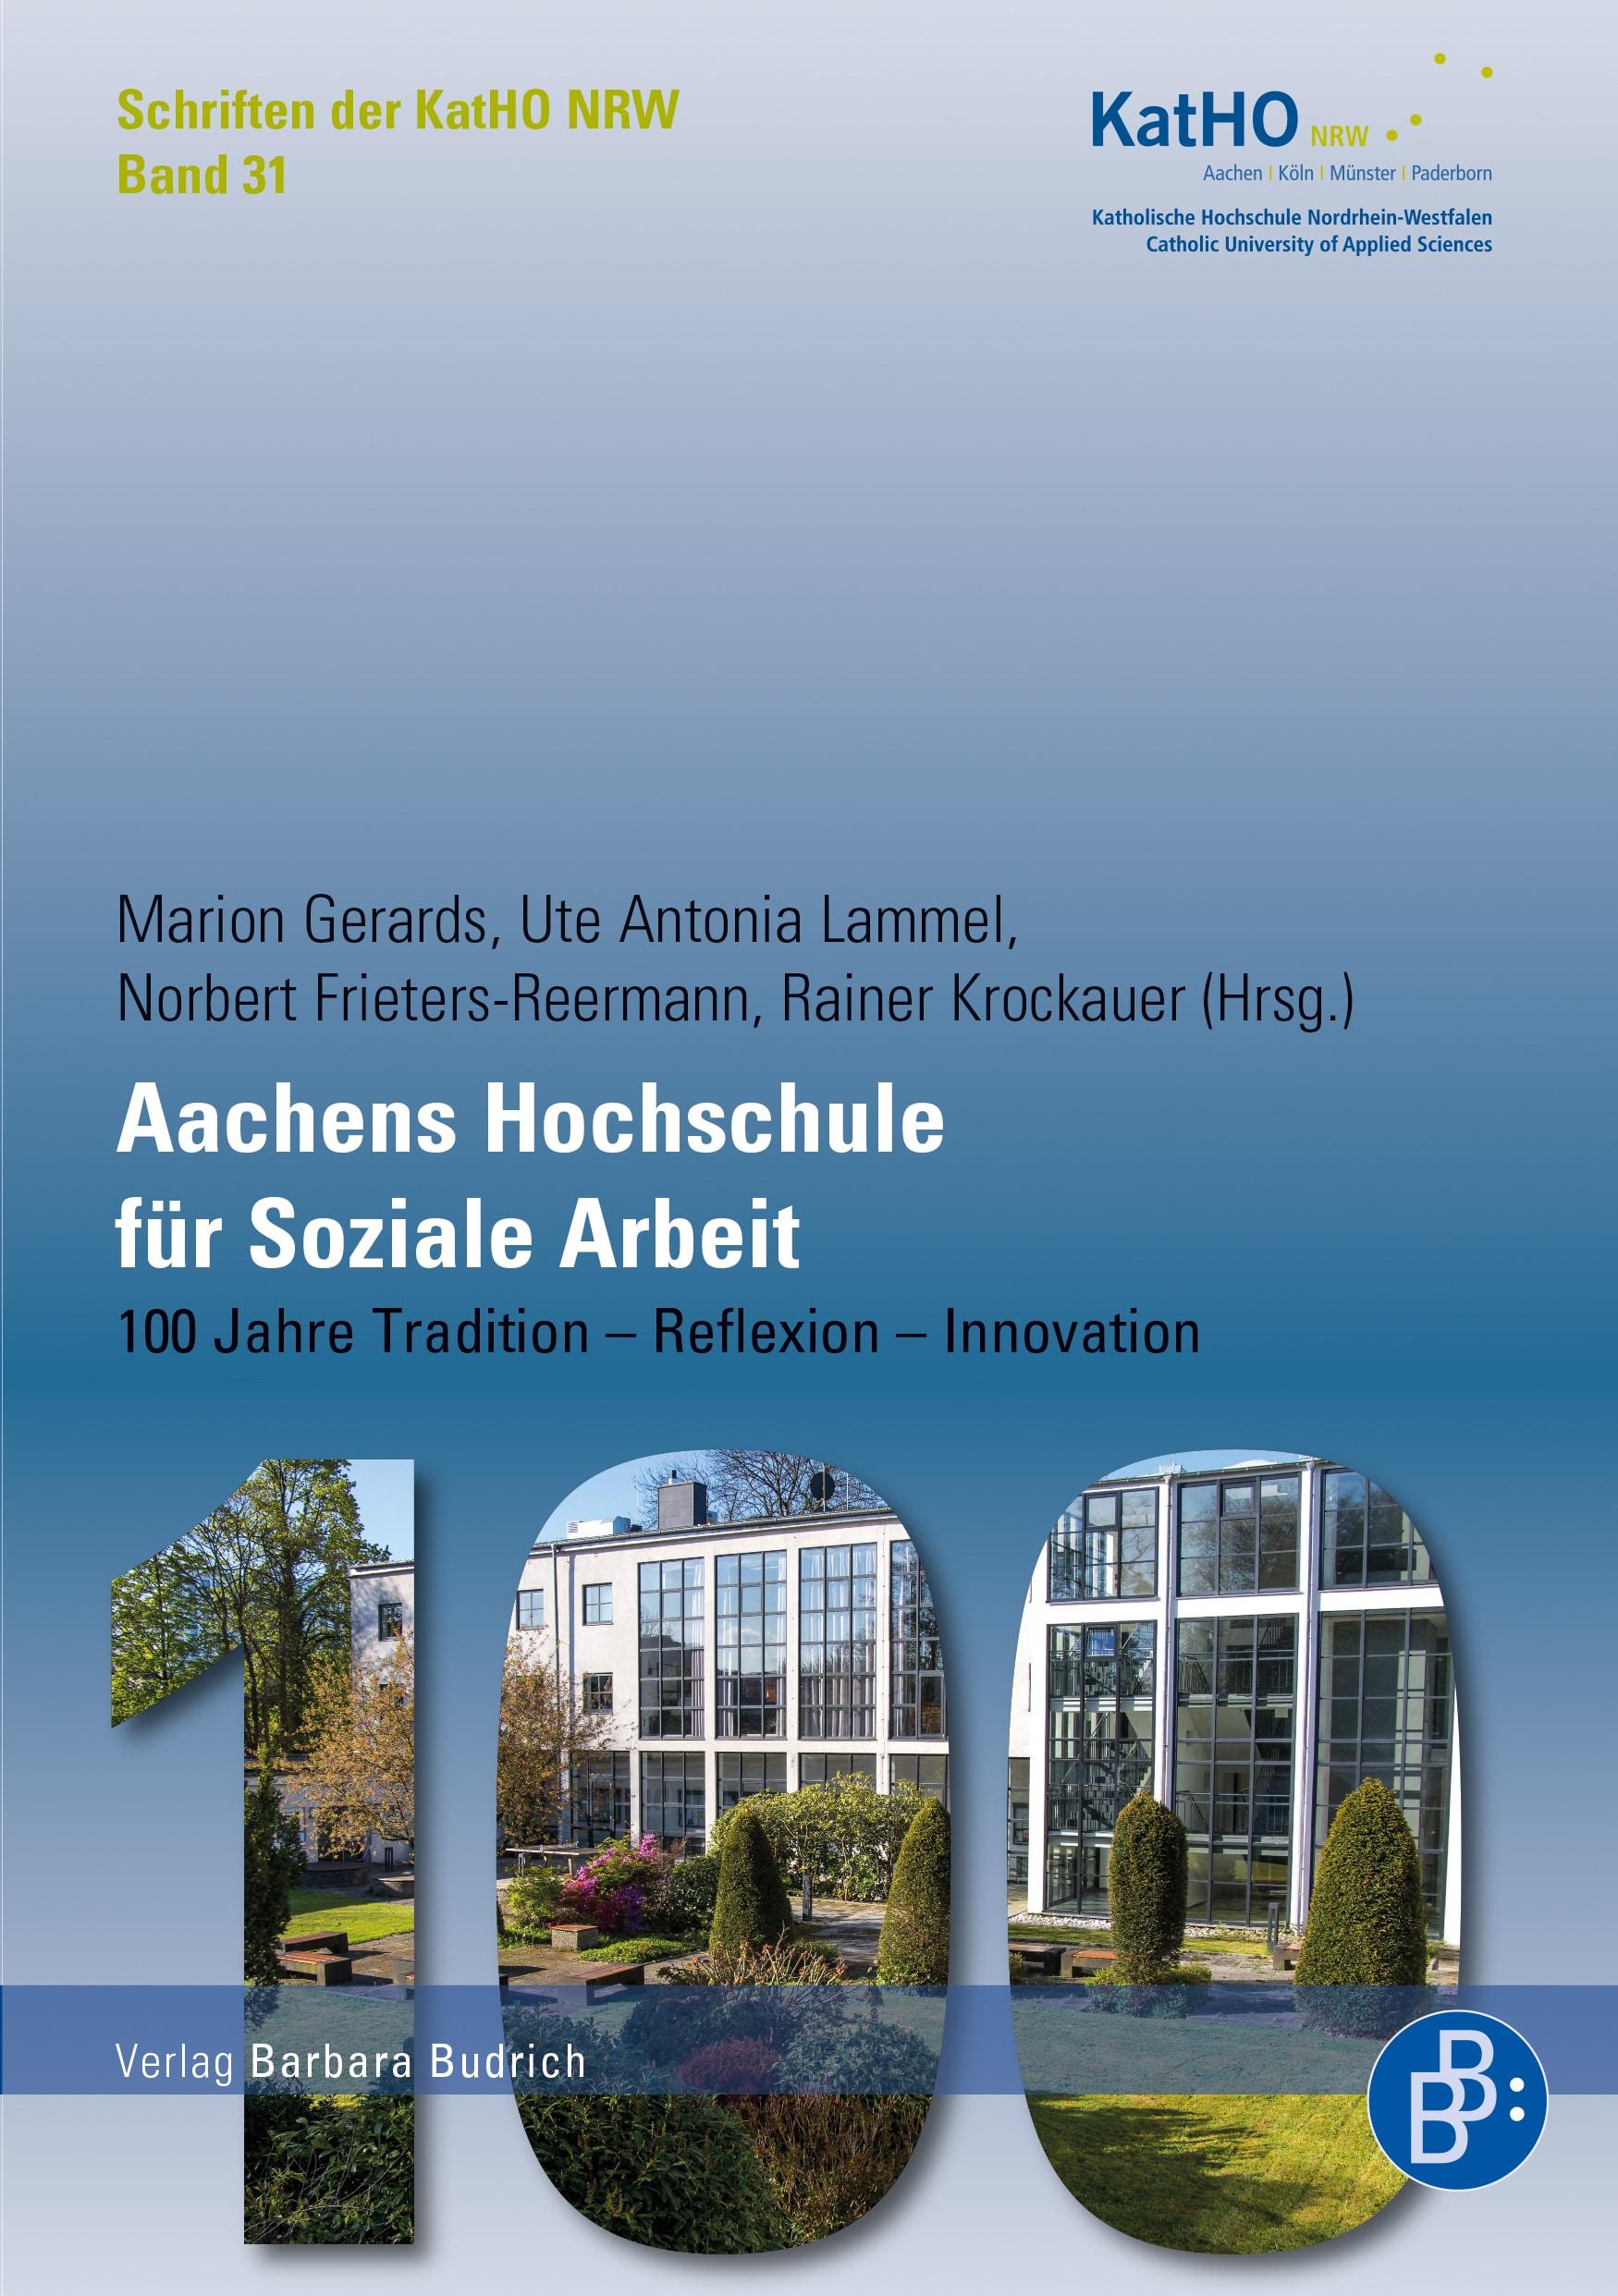 Aachens Hochschule für Soziale Arbeit